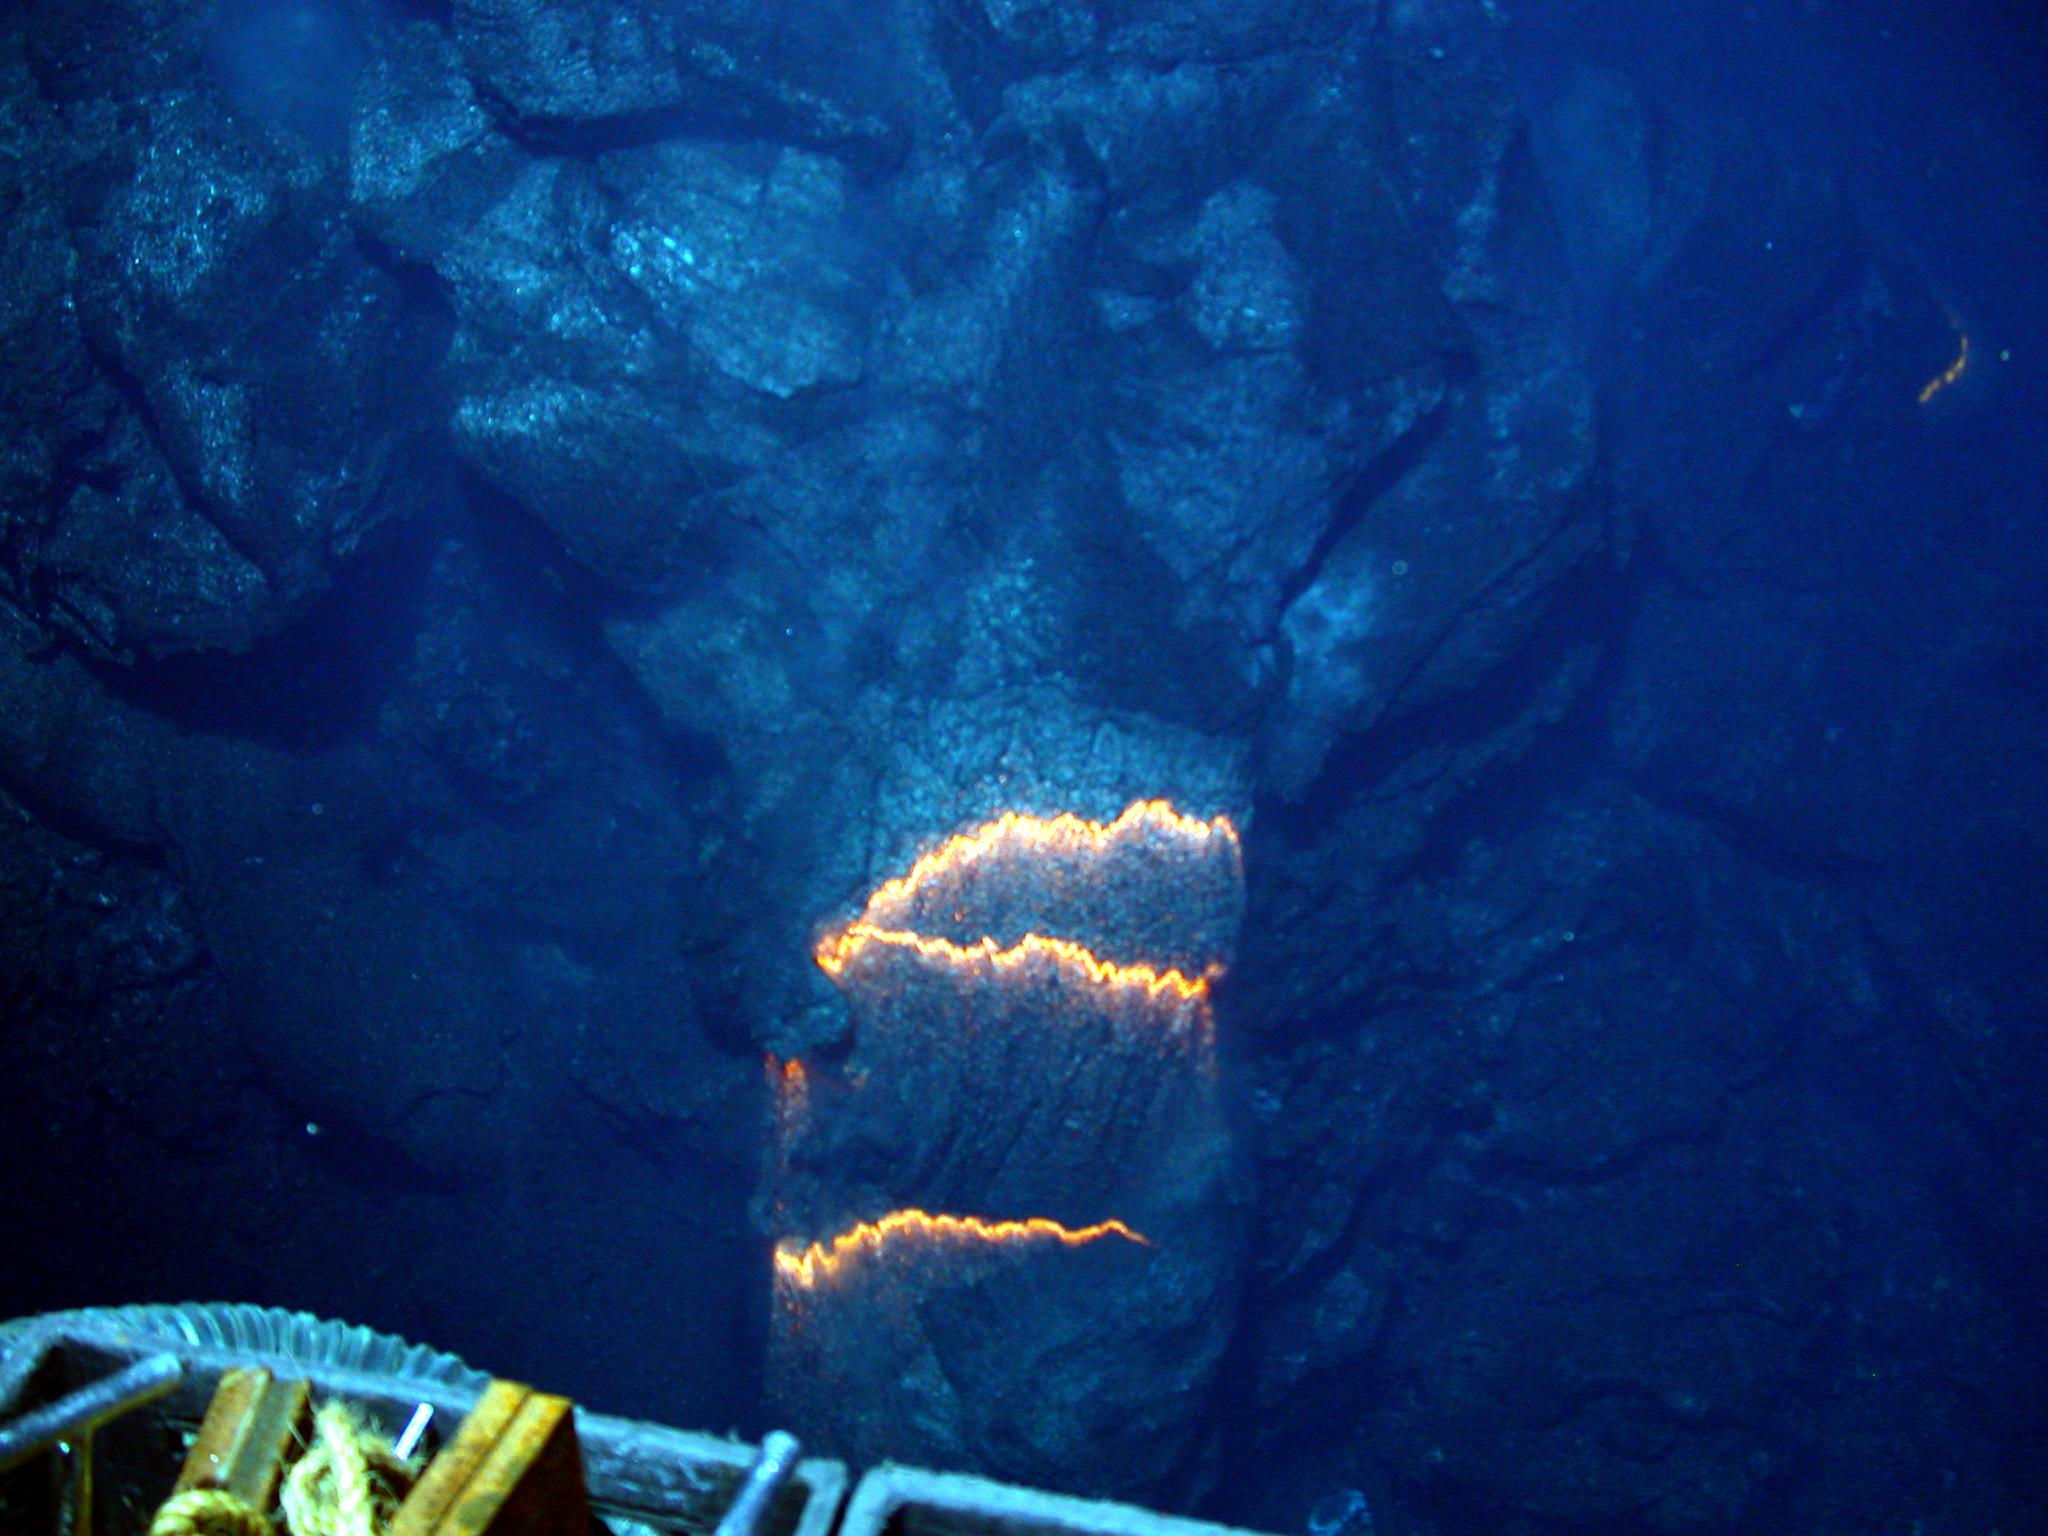 podwodny wulkan